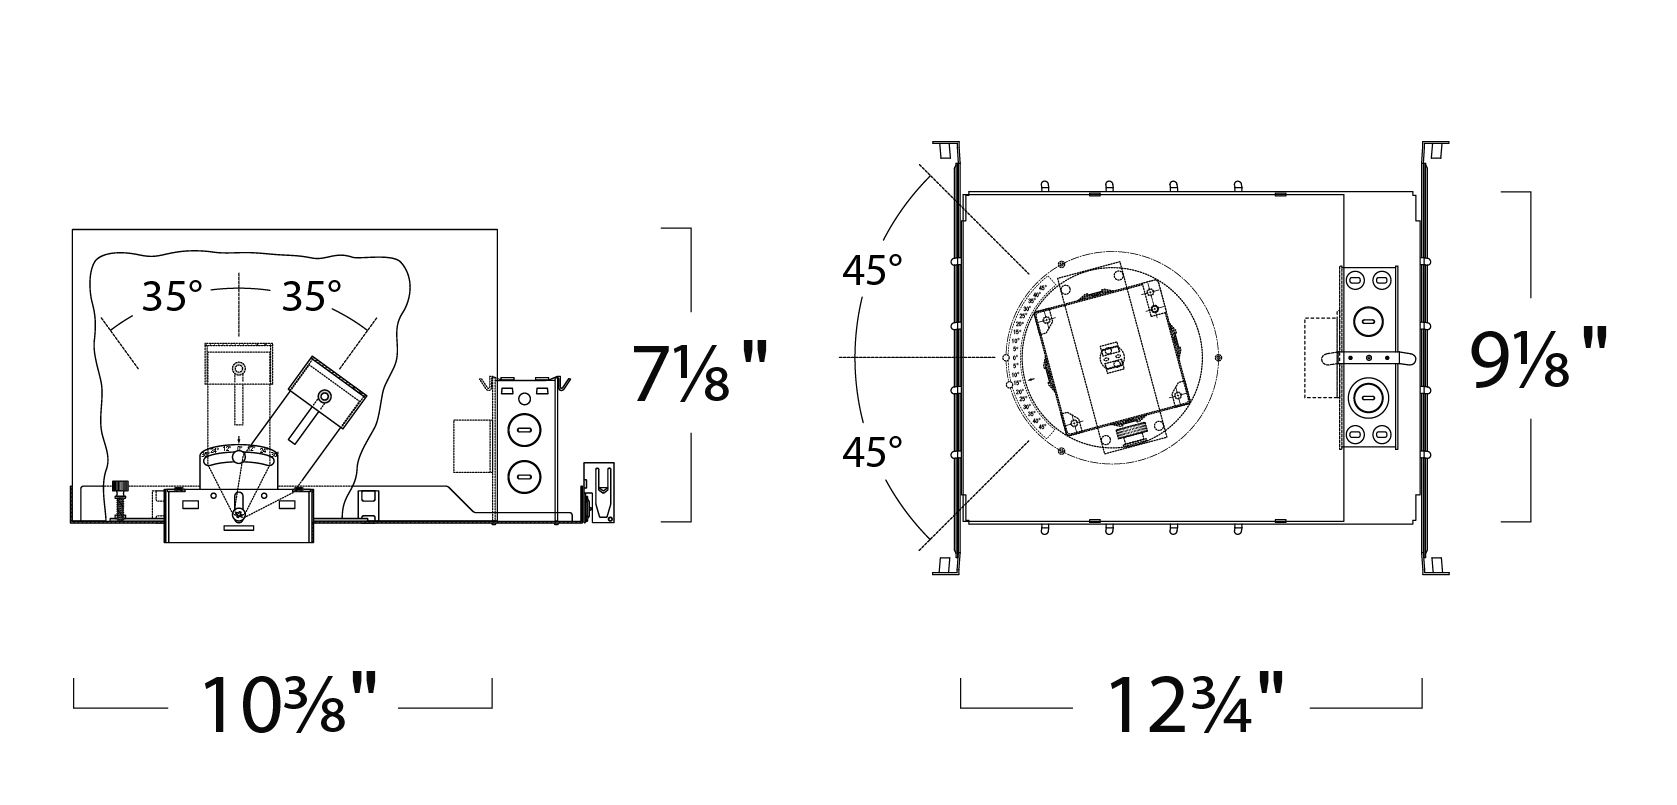 Alcon Lighting 14006-2 Illusione 3 Inch Architectural LED